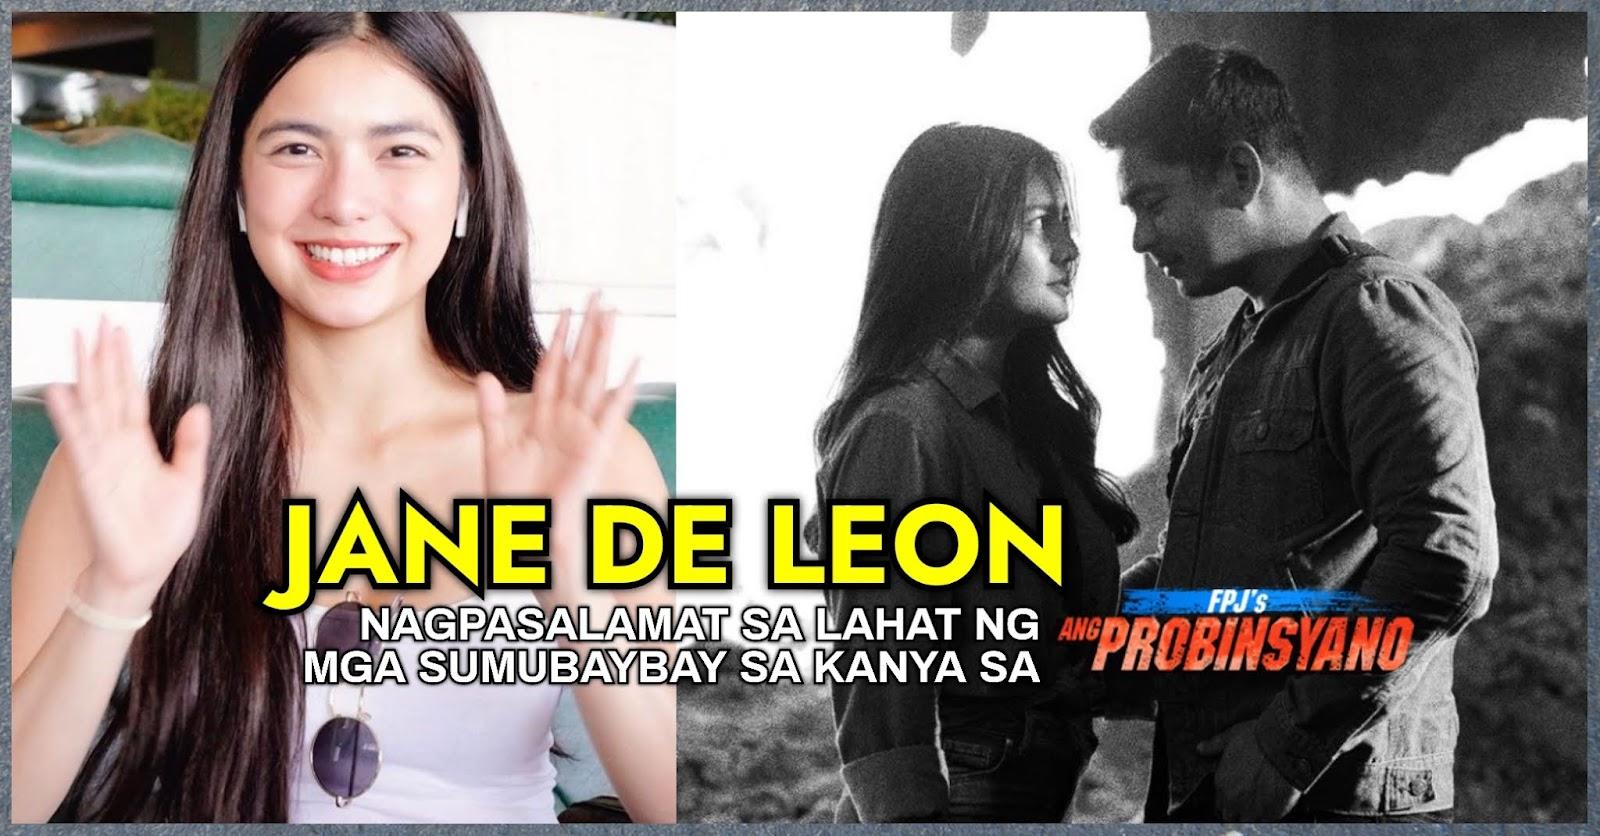 """""""BYE, LIA"""" Jane De Leon, nagpasalamat sa lahat ng sumubaybay sa kanya sa """"FPJ's Ang Probinsyano"""""""